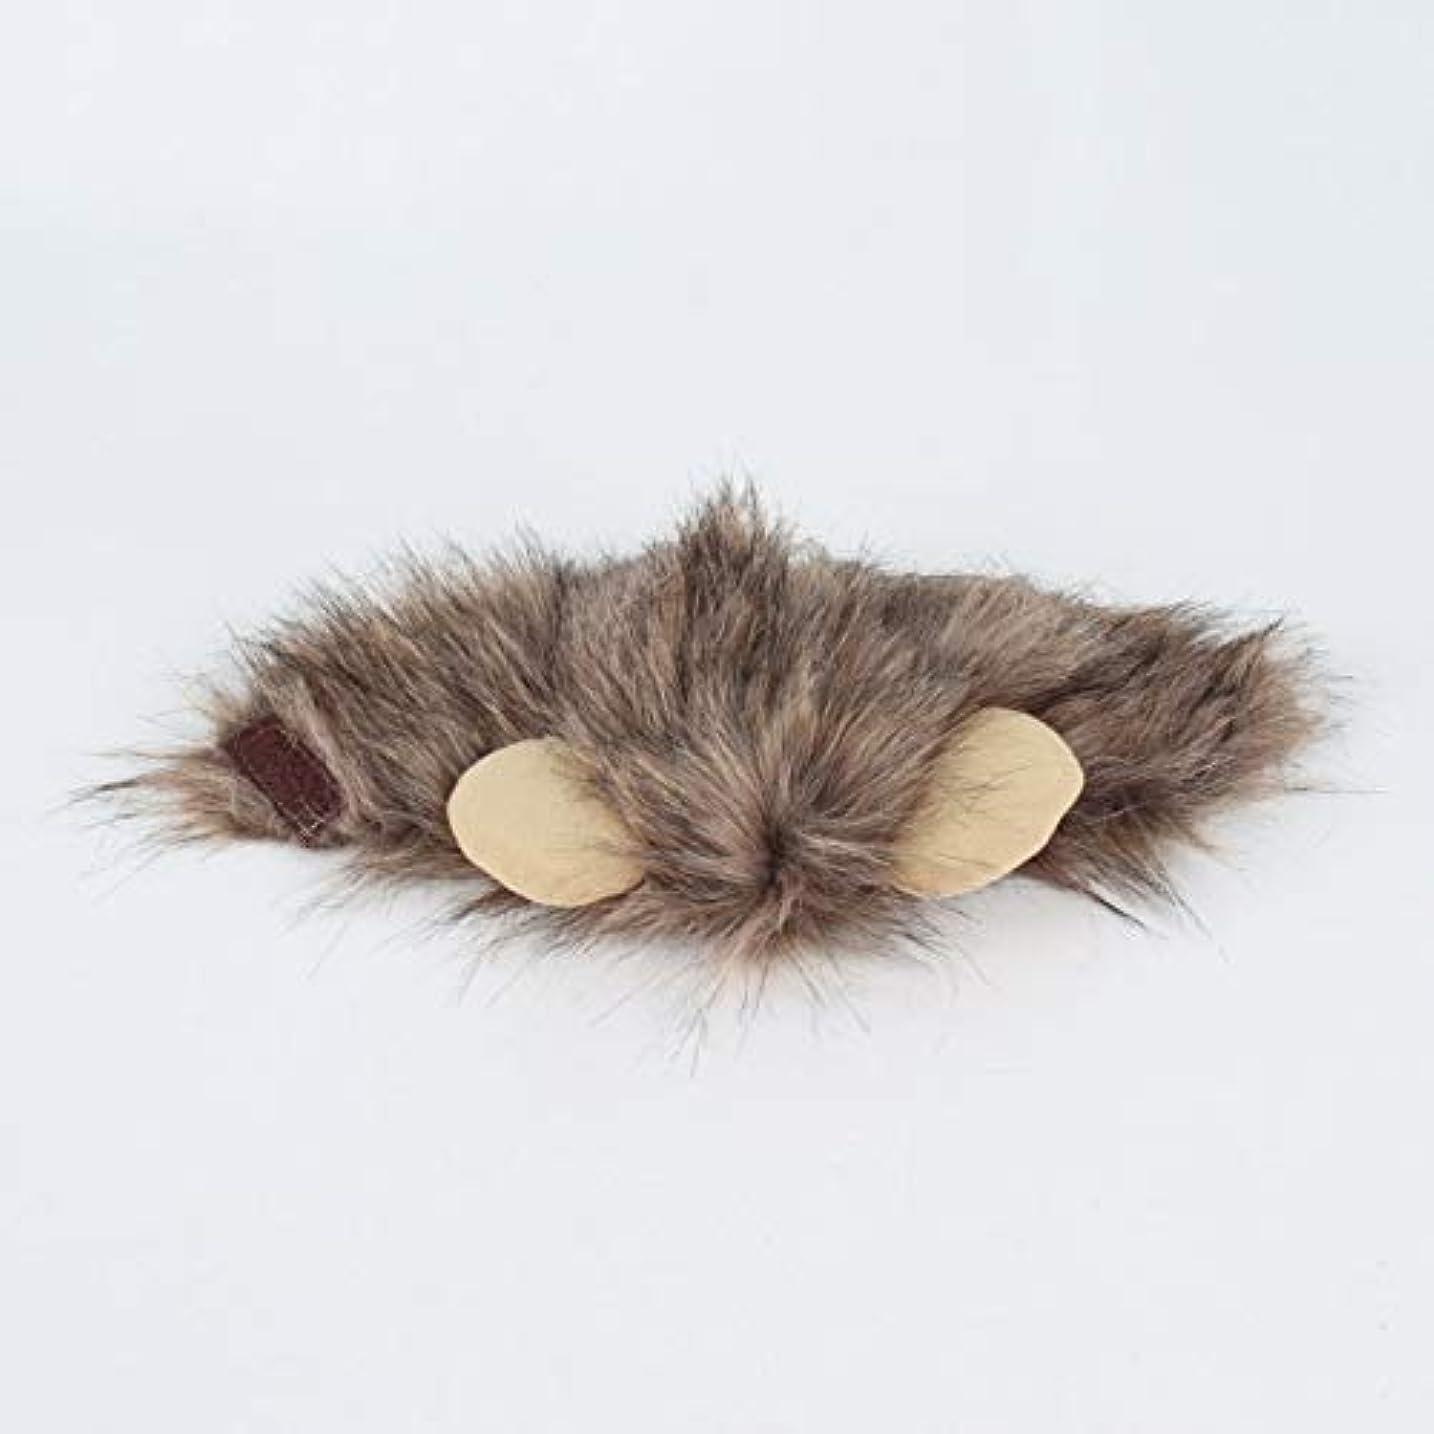 最初はの面では全国Saikogoods おかしいかわいいペットキャップコスプレライオンの形の帽子後背位キティライオンハット快適なキャットハットソフト子犬ウィッグ通気性のアニマルキャップ 褐色 M